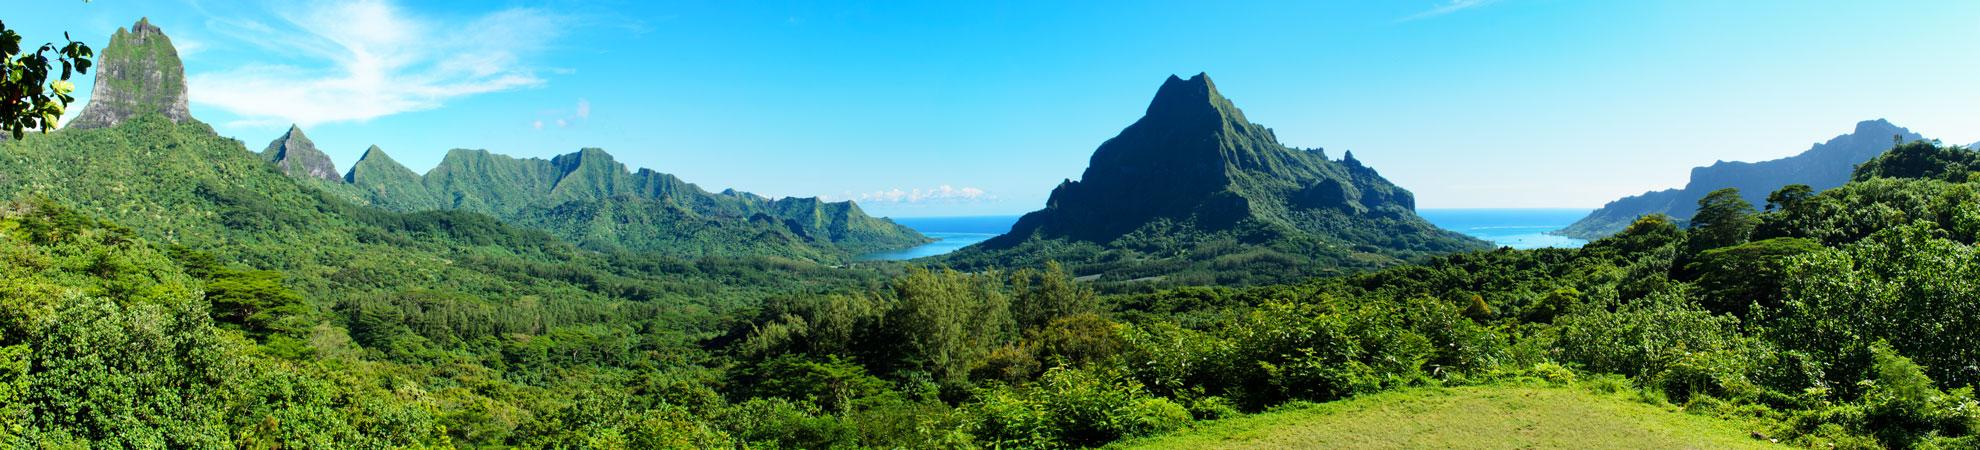 Quels sont les dangers à éviter lors d'un circuit en Polynésie